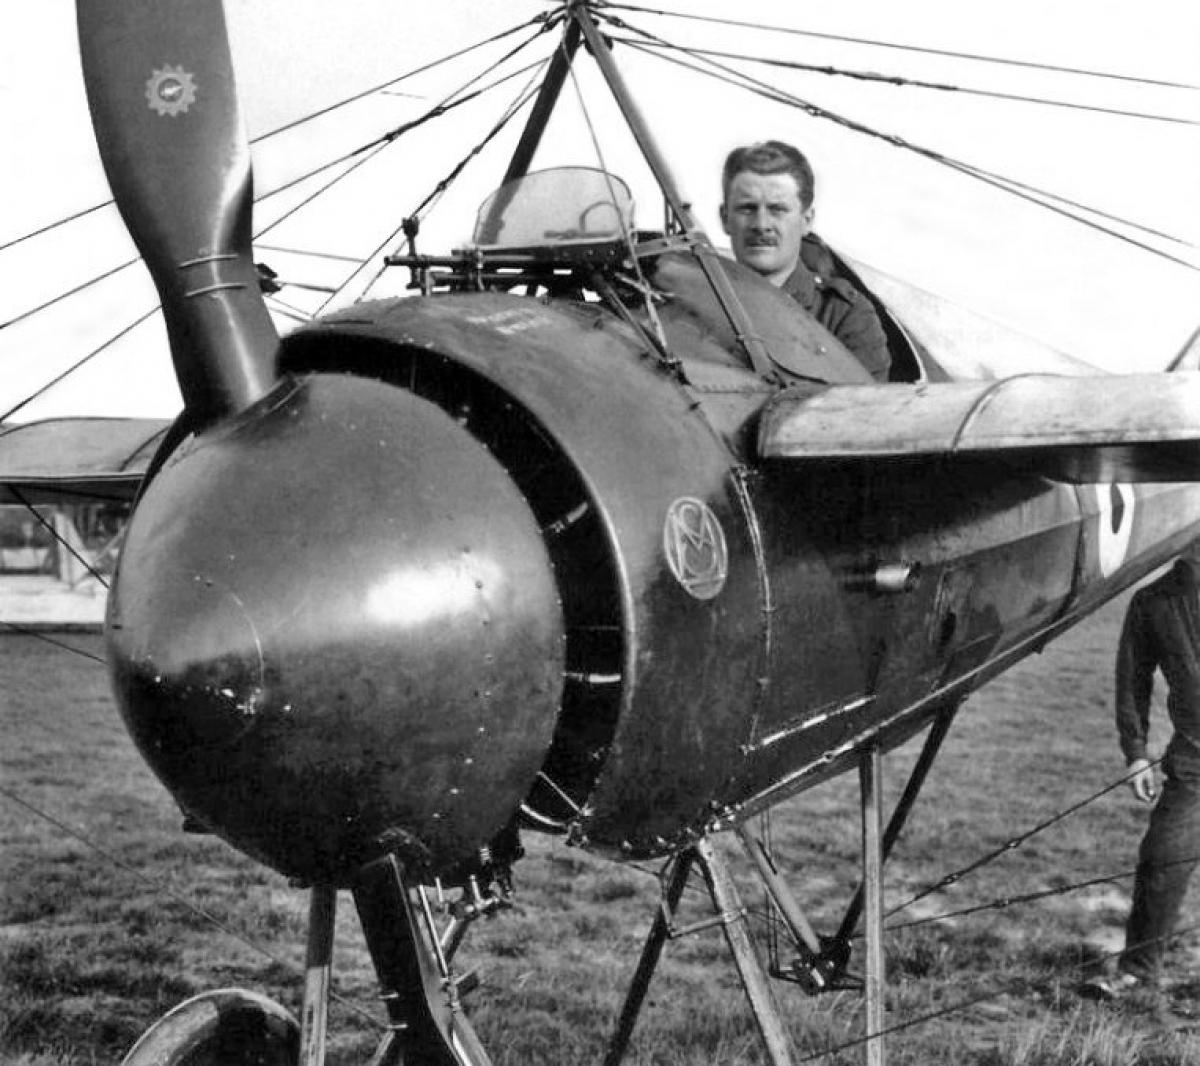 Tiêm kích cơMorane-Saulnier N. Ảnh: Plane Encyclopedia.